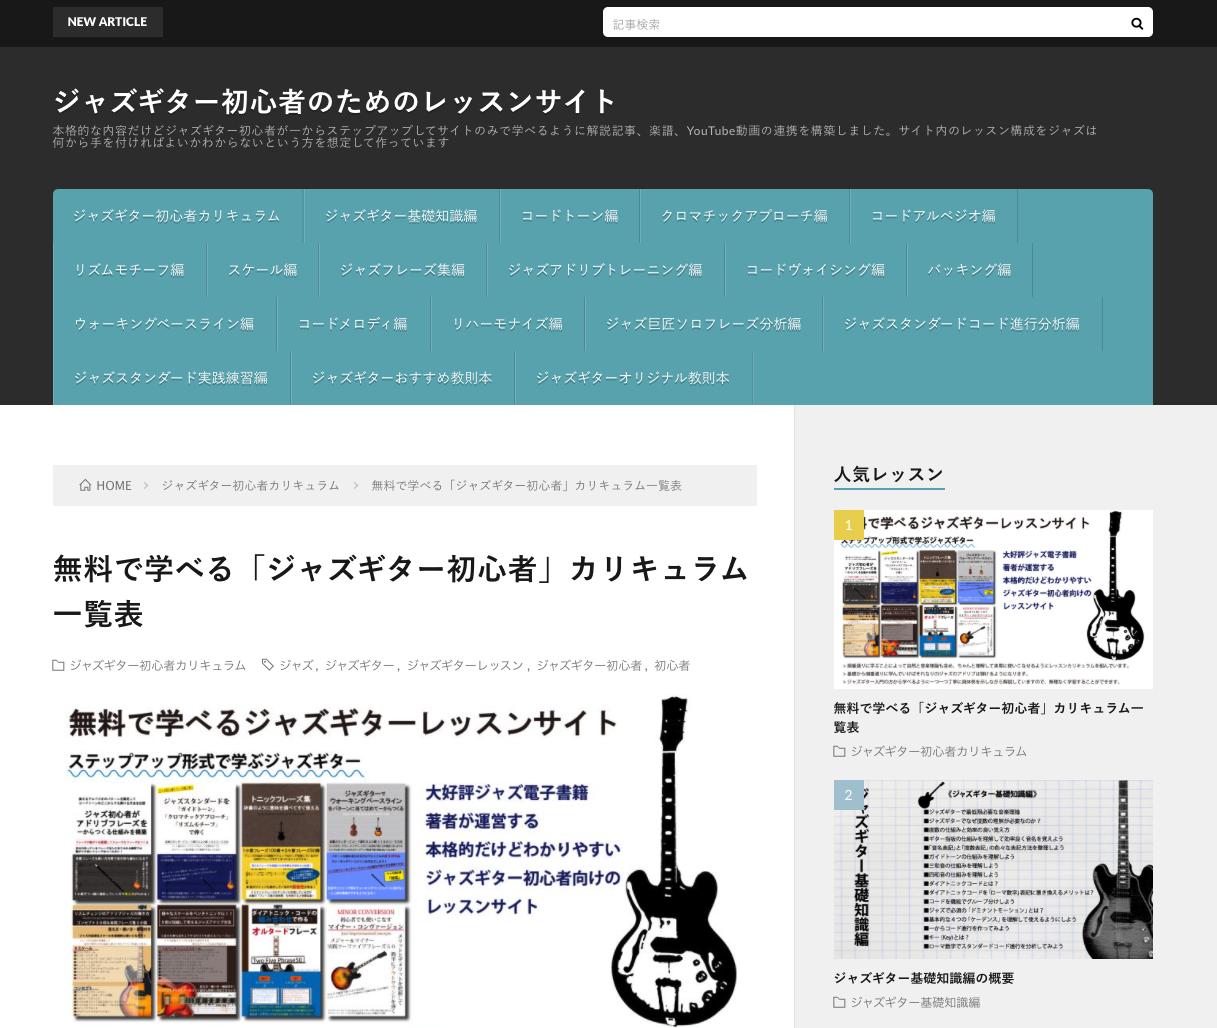 ジャズギター初心者のためのレッスンサイトイメージ画像